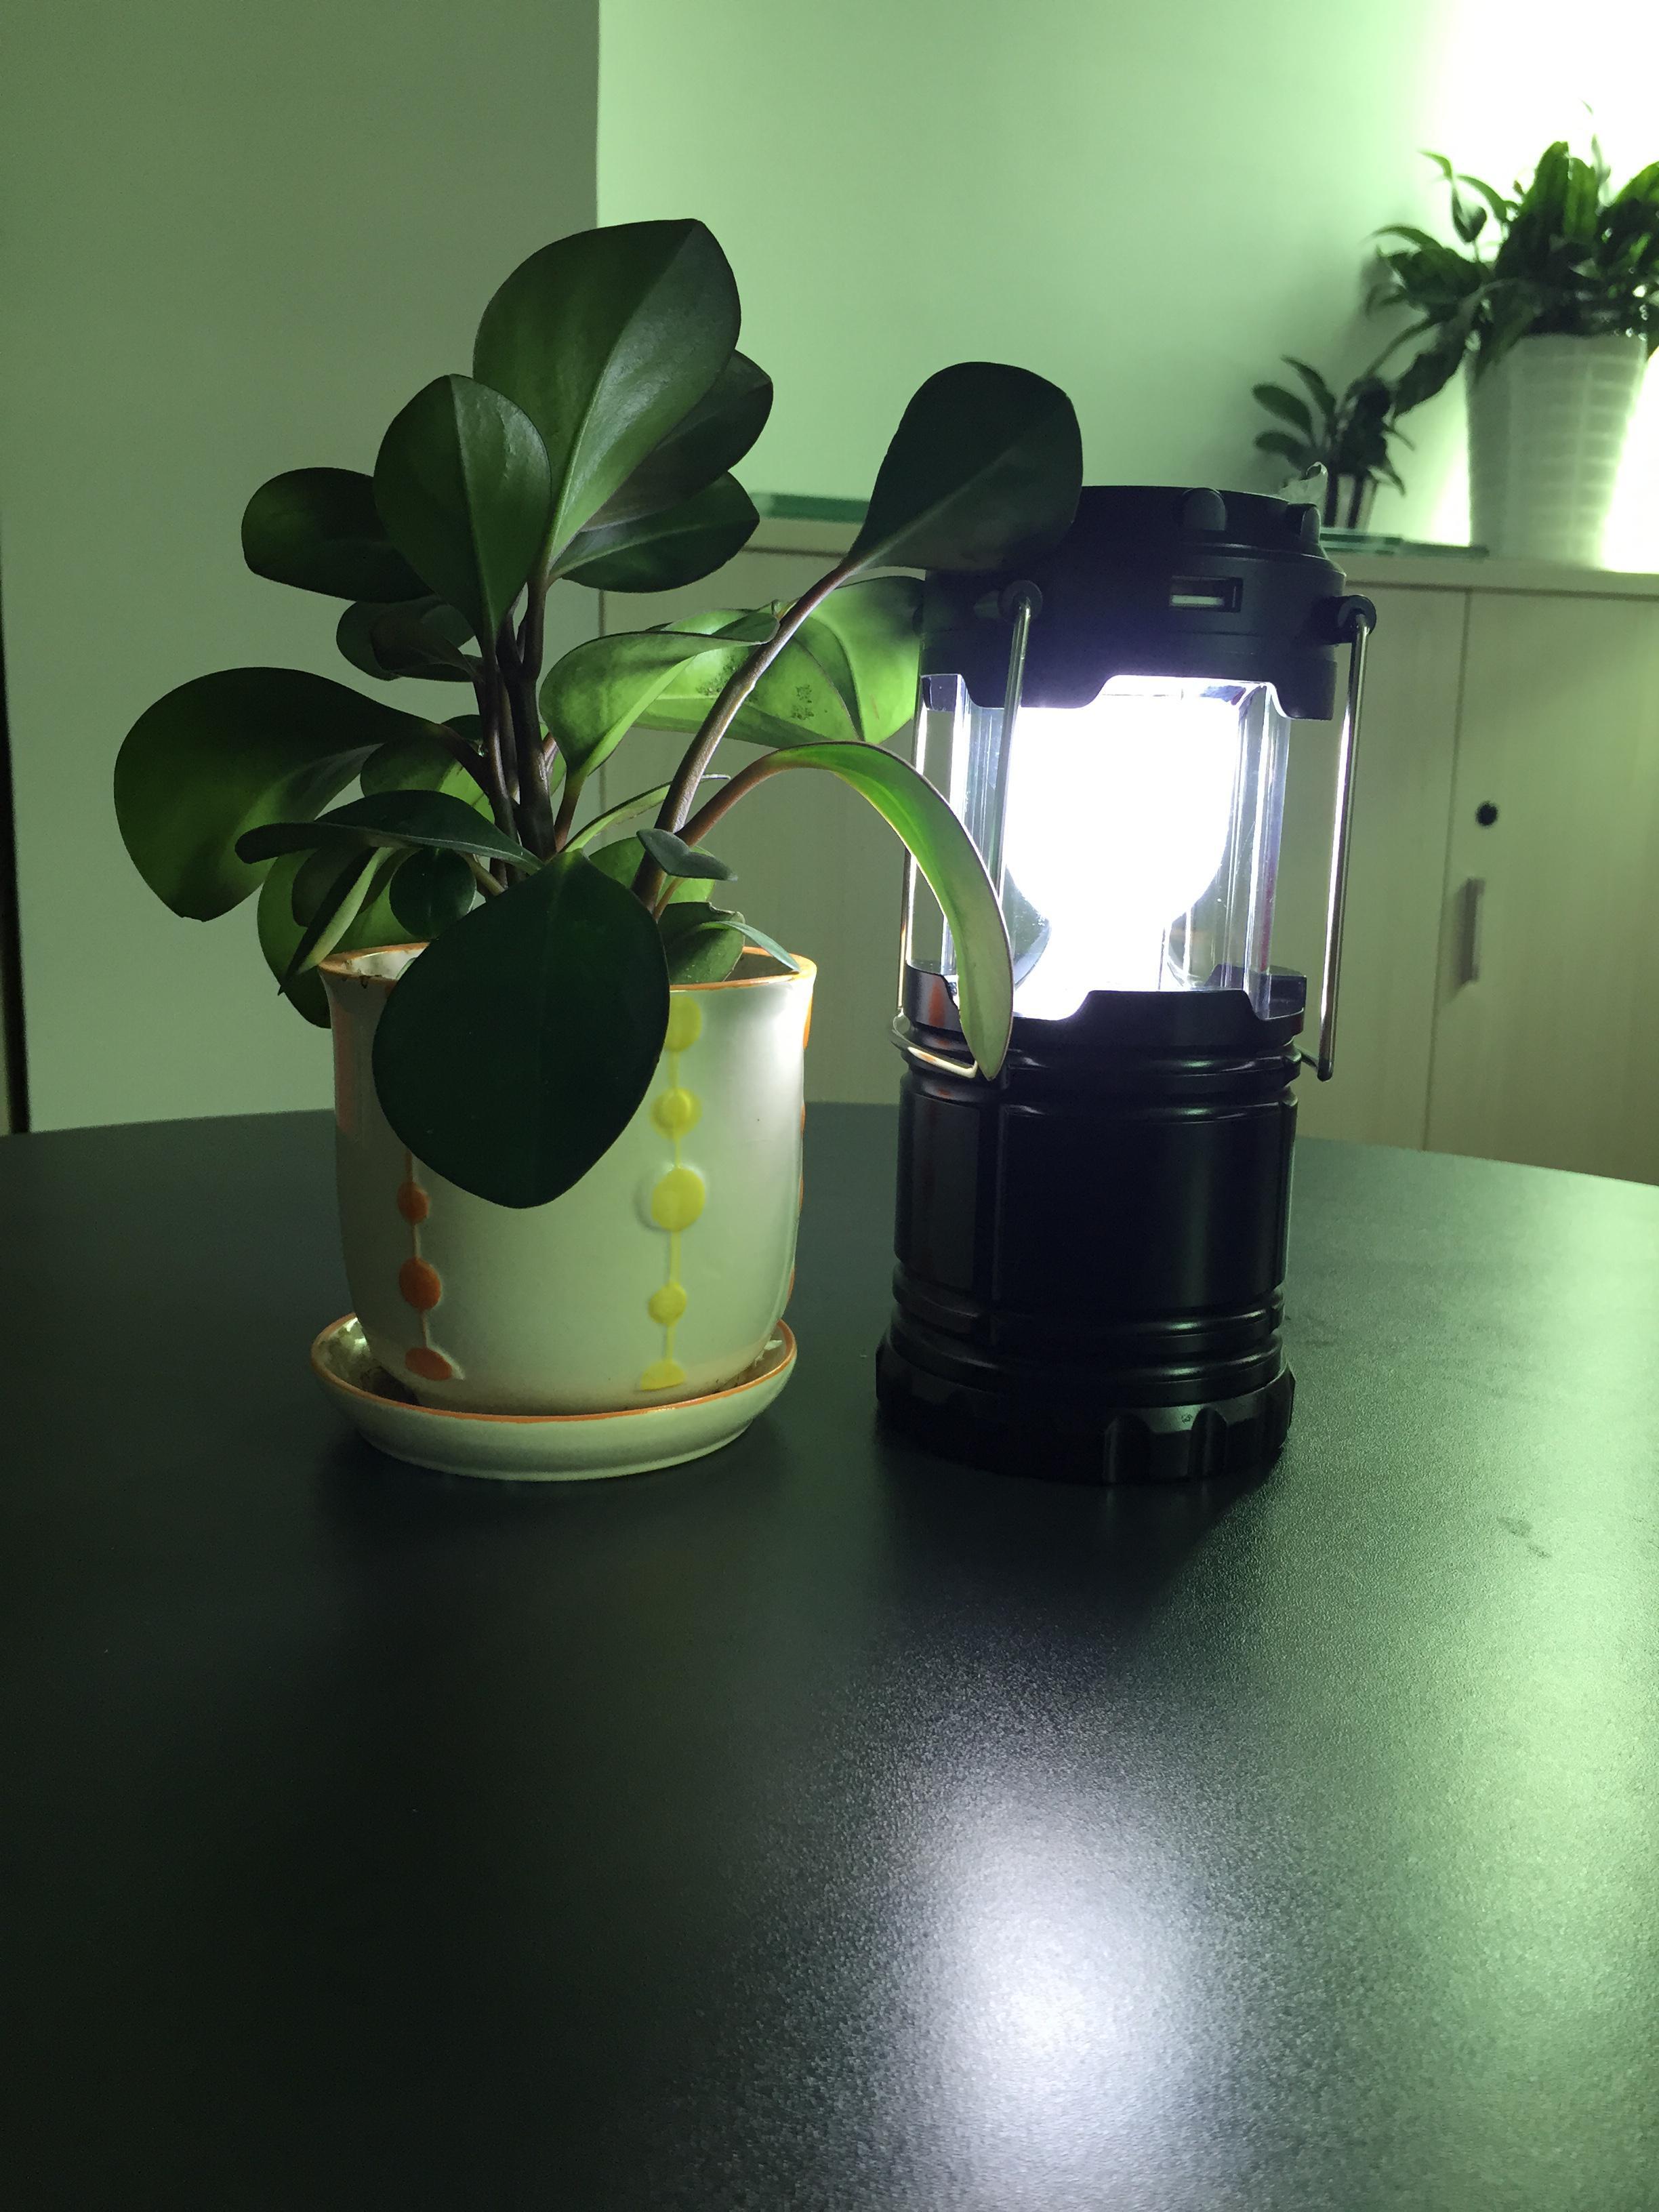 Lanterne solaire extérieure G-85 LED Power Bank - Noir